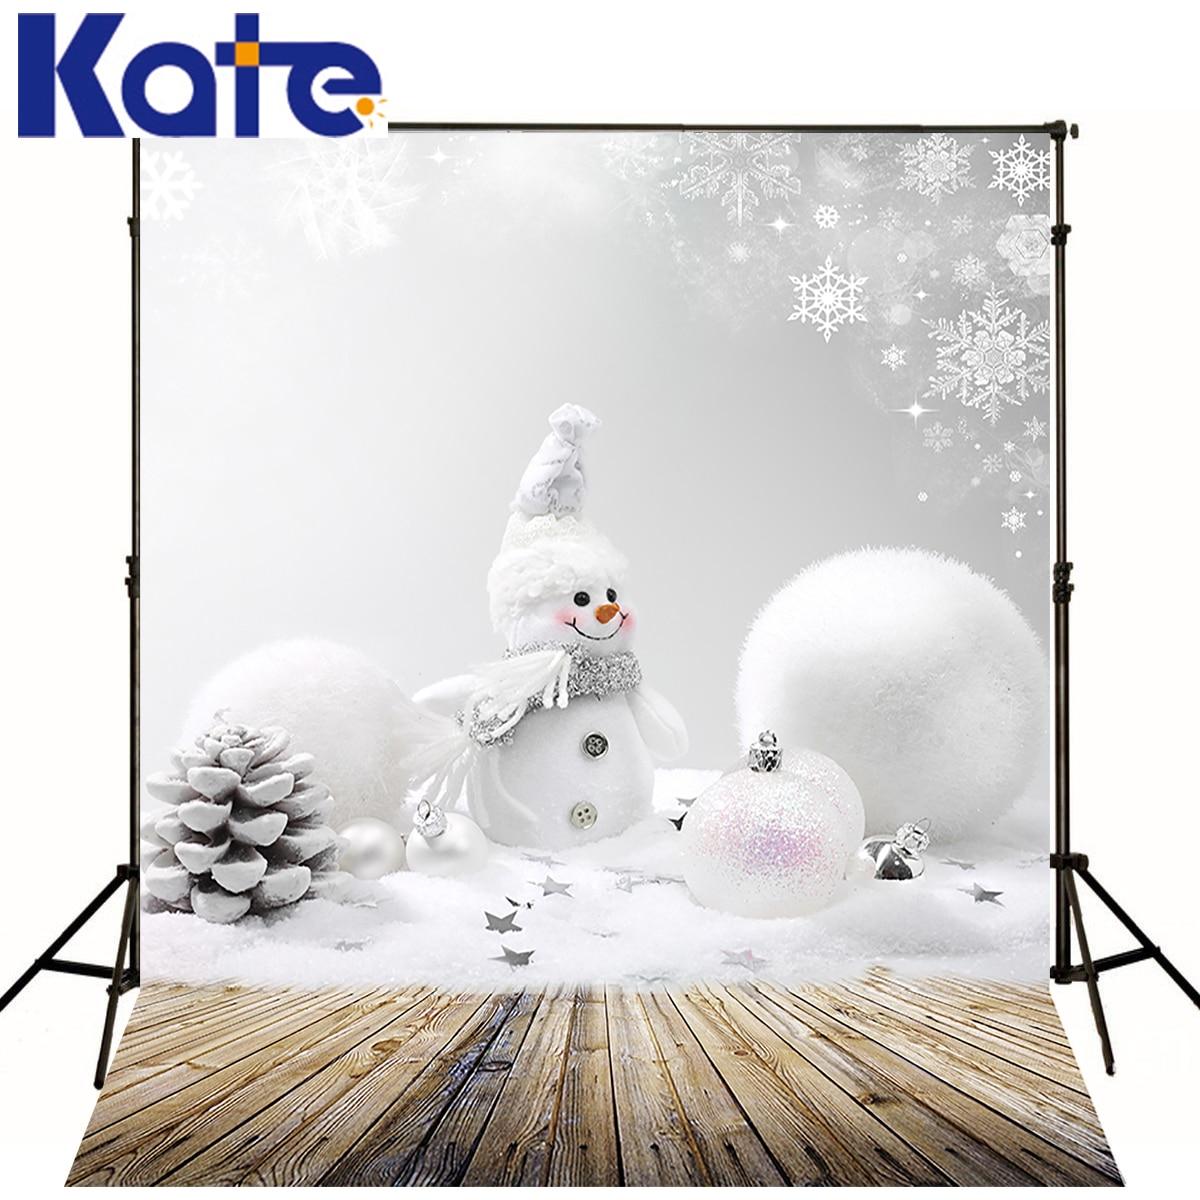 Kate Photography Backdrop 5x7ft Wood Floor Backdrops Snowflake Christmas Backdrop Bolas Navidad Boneco De Neve Photo for Studio<br>